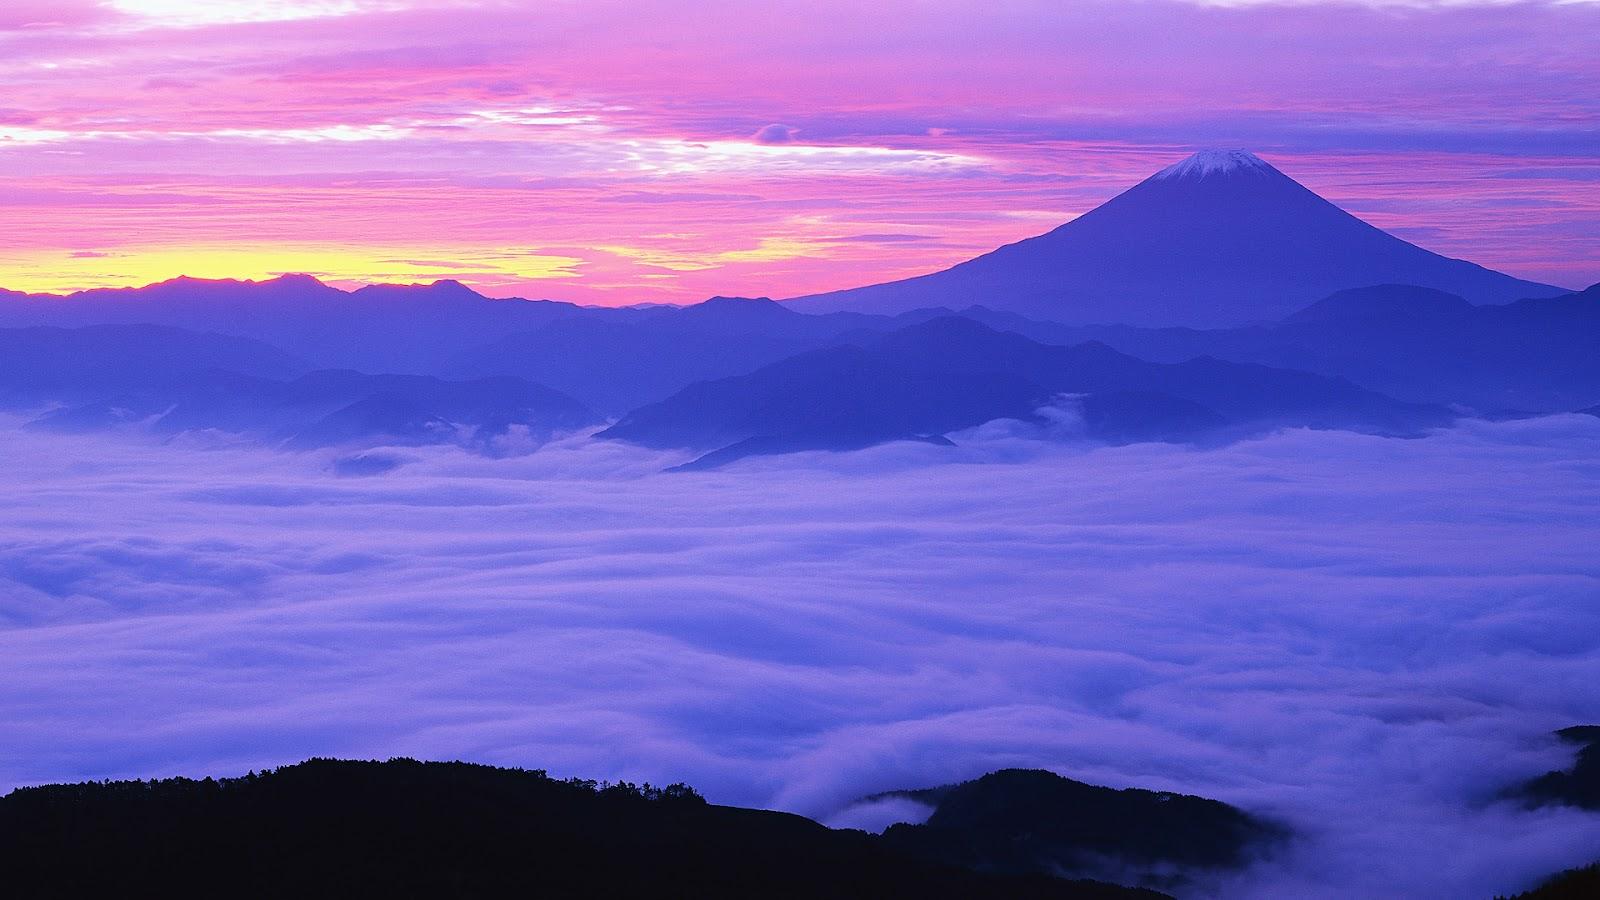 https://1.bp.blogspot.com/-XaPcIs2XMpc/UA1ctss0OOI/AAAAAAAAAco/UJfxr1fp_o4/s1600/Fog+Over+Mount+Fuji,+Honshu+Island,+Japan.jpg